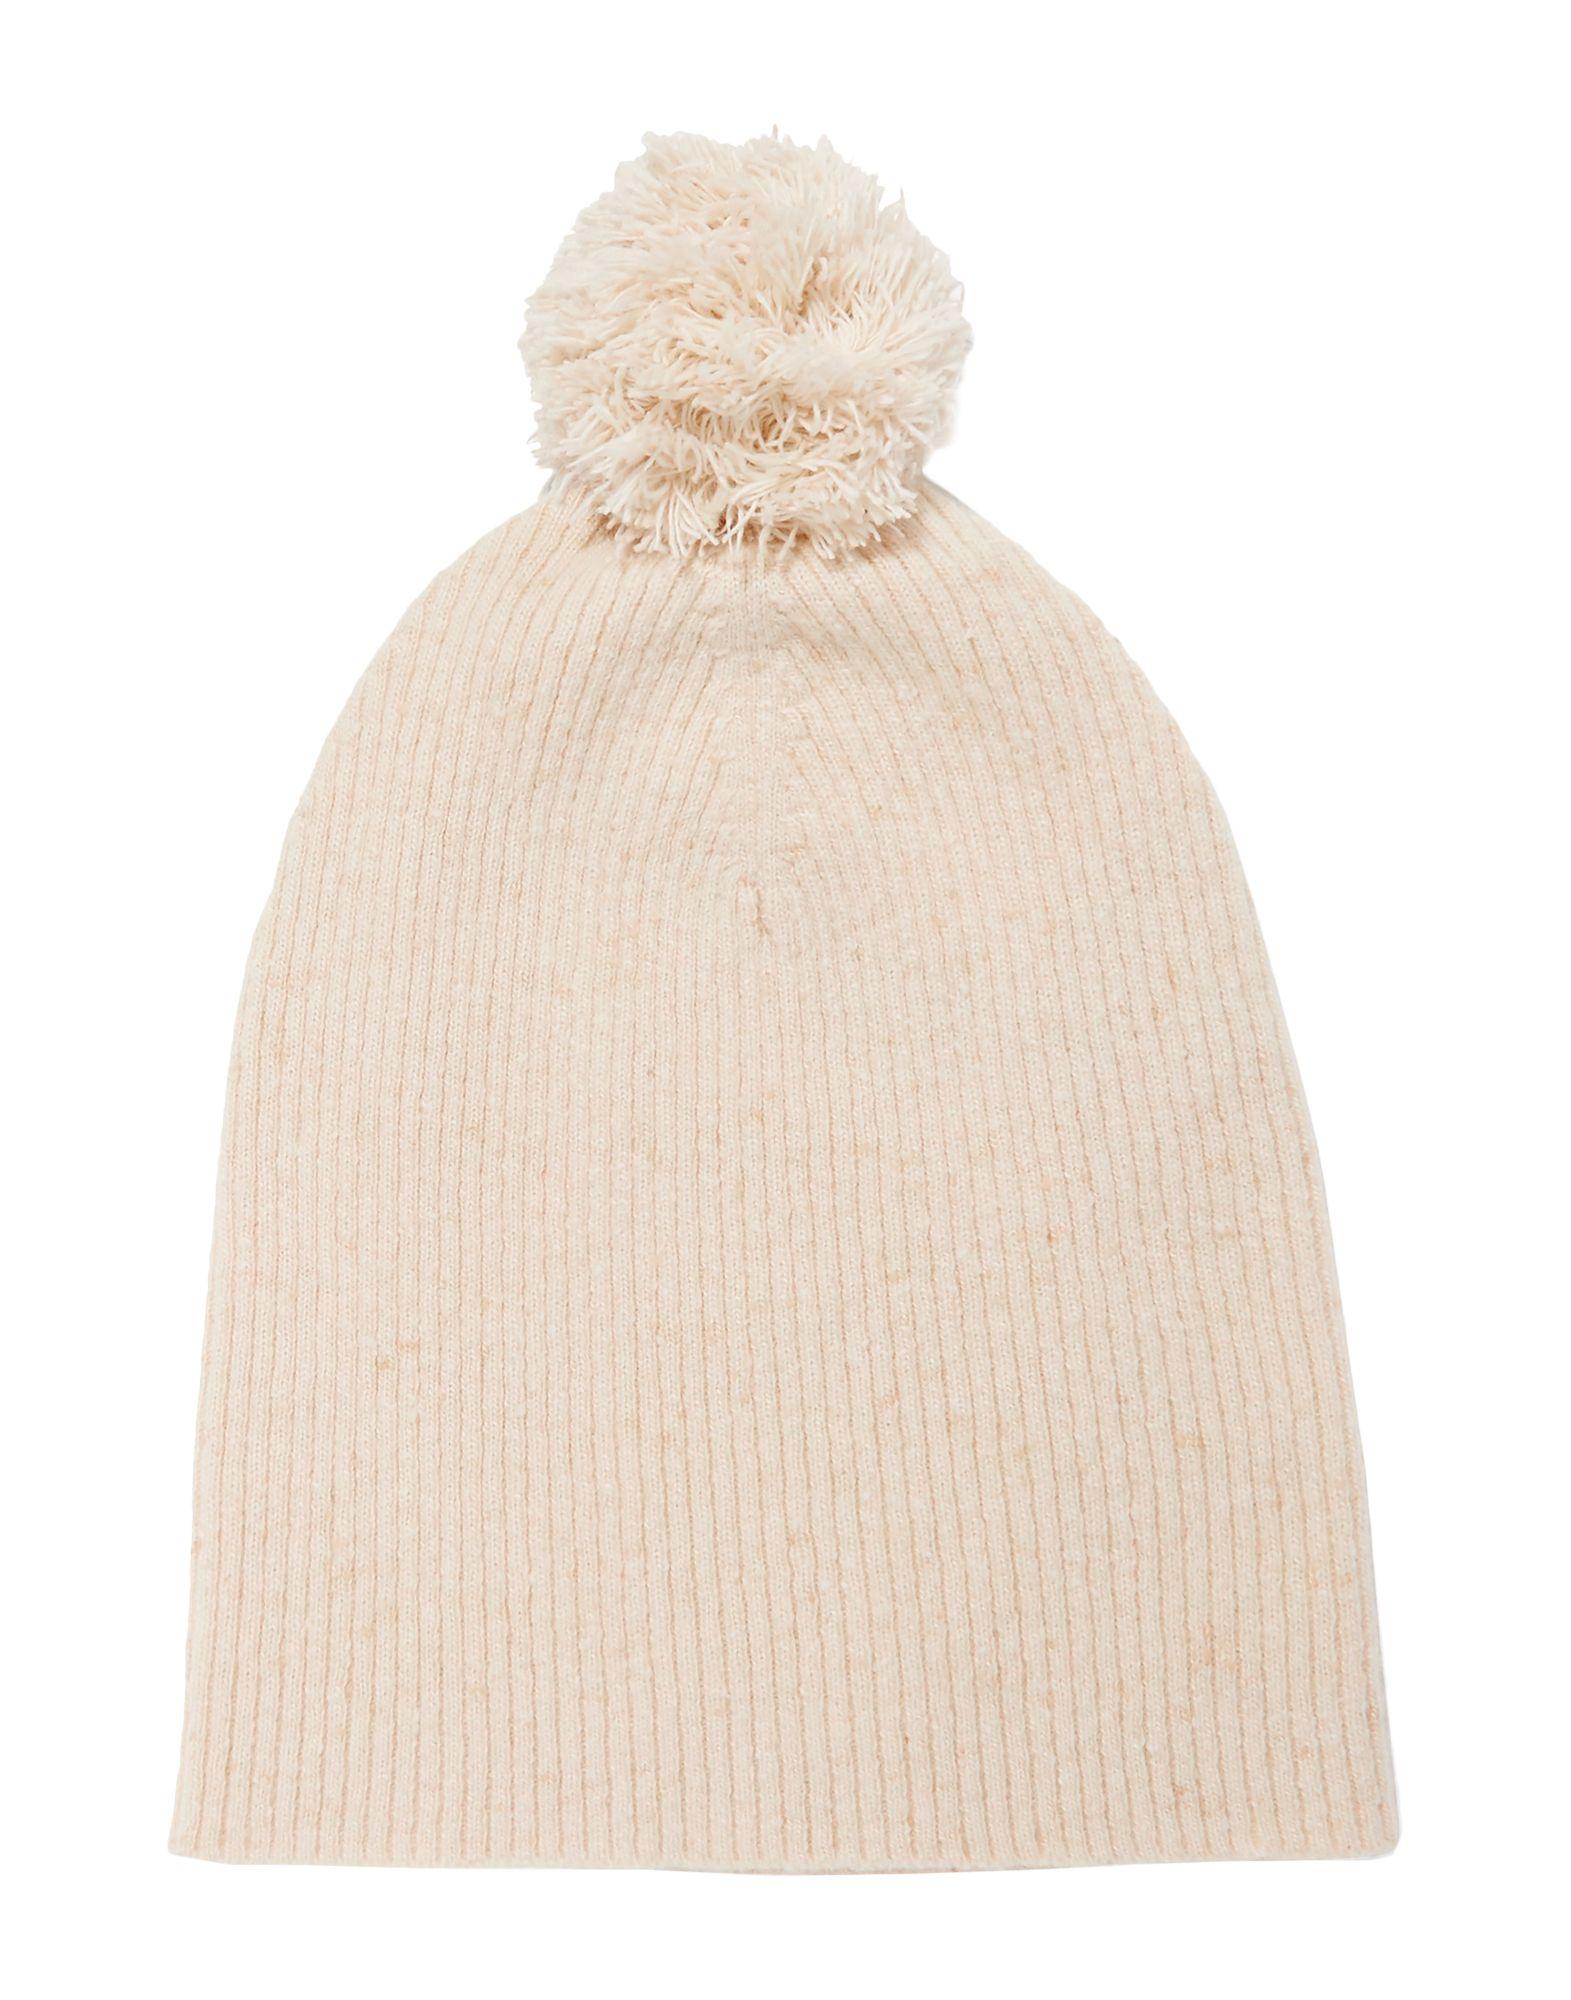 《送料無料》AUTUMN CASHMERE レディース 帽子 アイボリー one size カシミヤ 100%